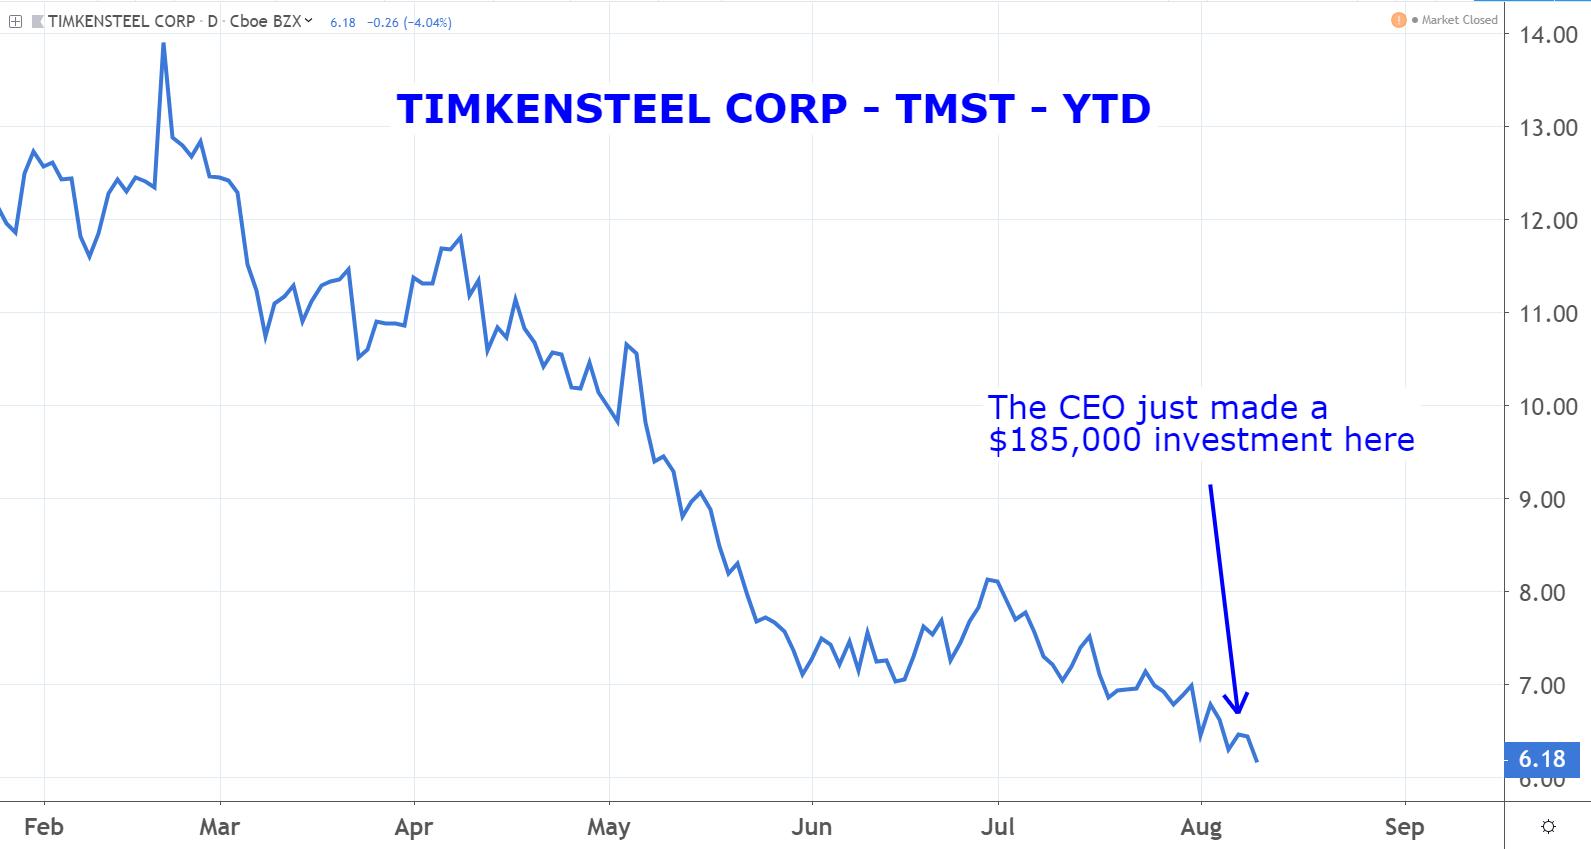 Stocks to Buy: Timkensteel (TMST)